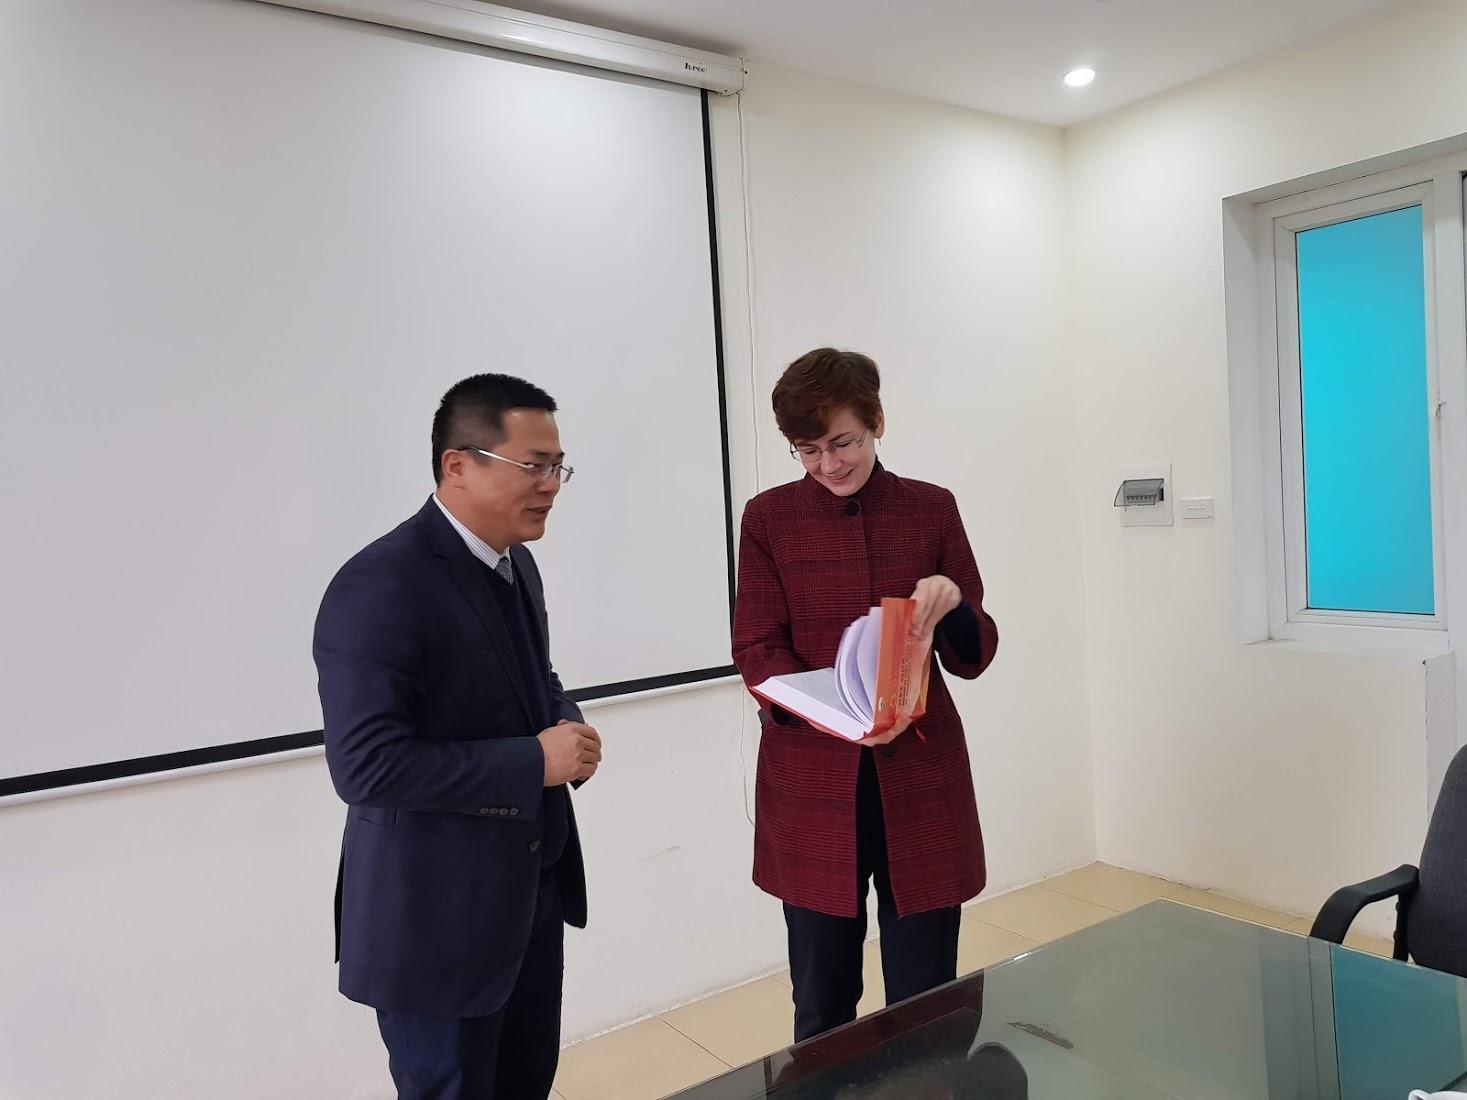 Viện Thổ nhưỡng Nông hóa đón tiếp đại diện ĐSQ Ucraina đến thăm và làm việc